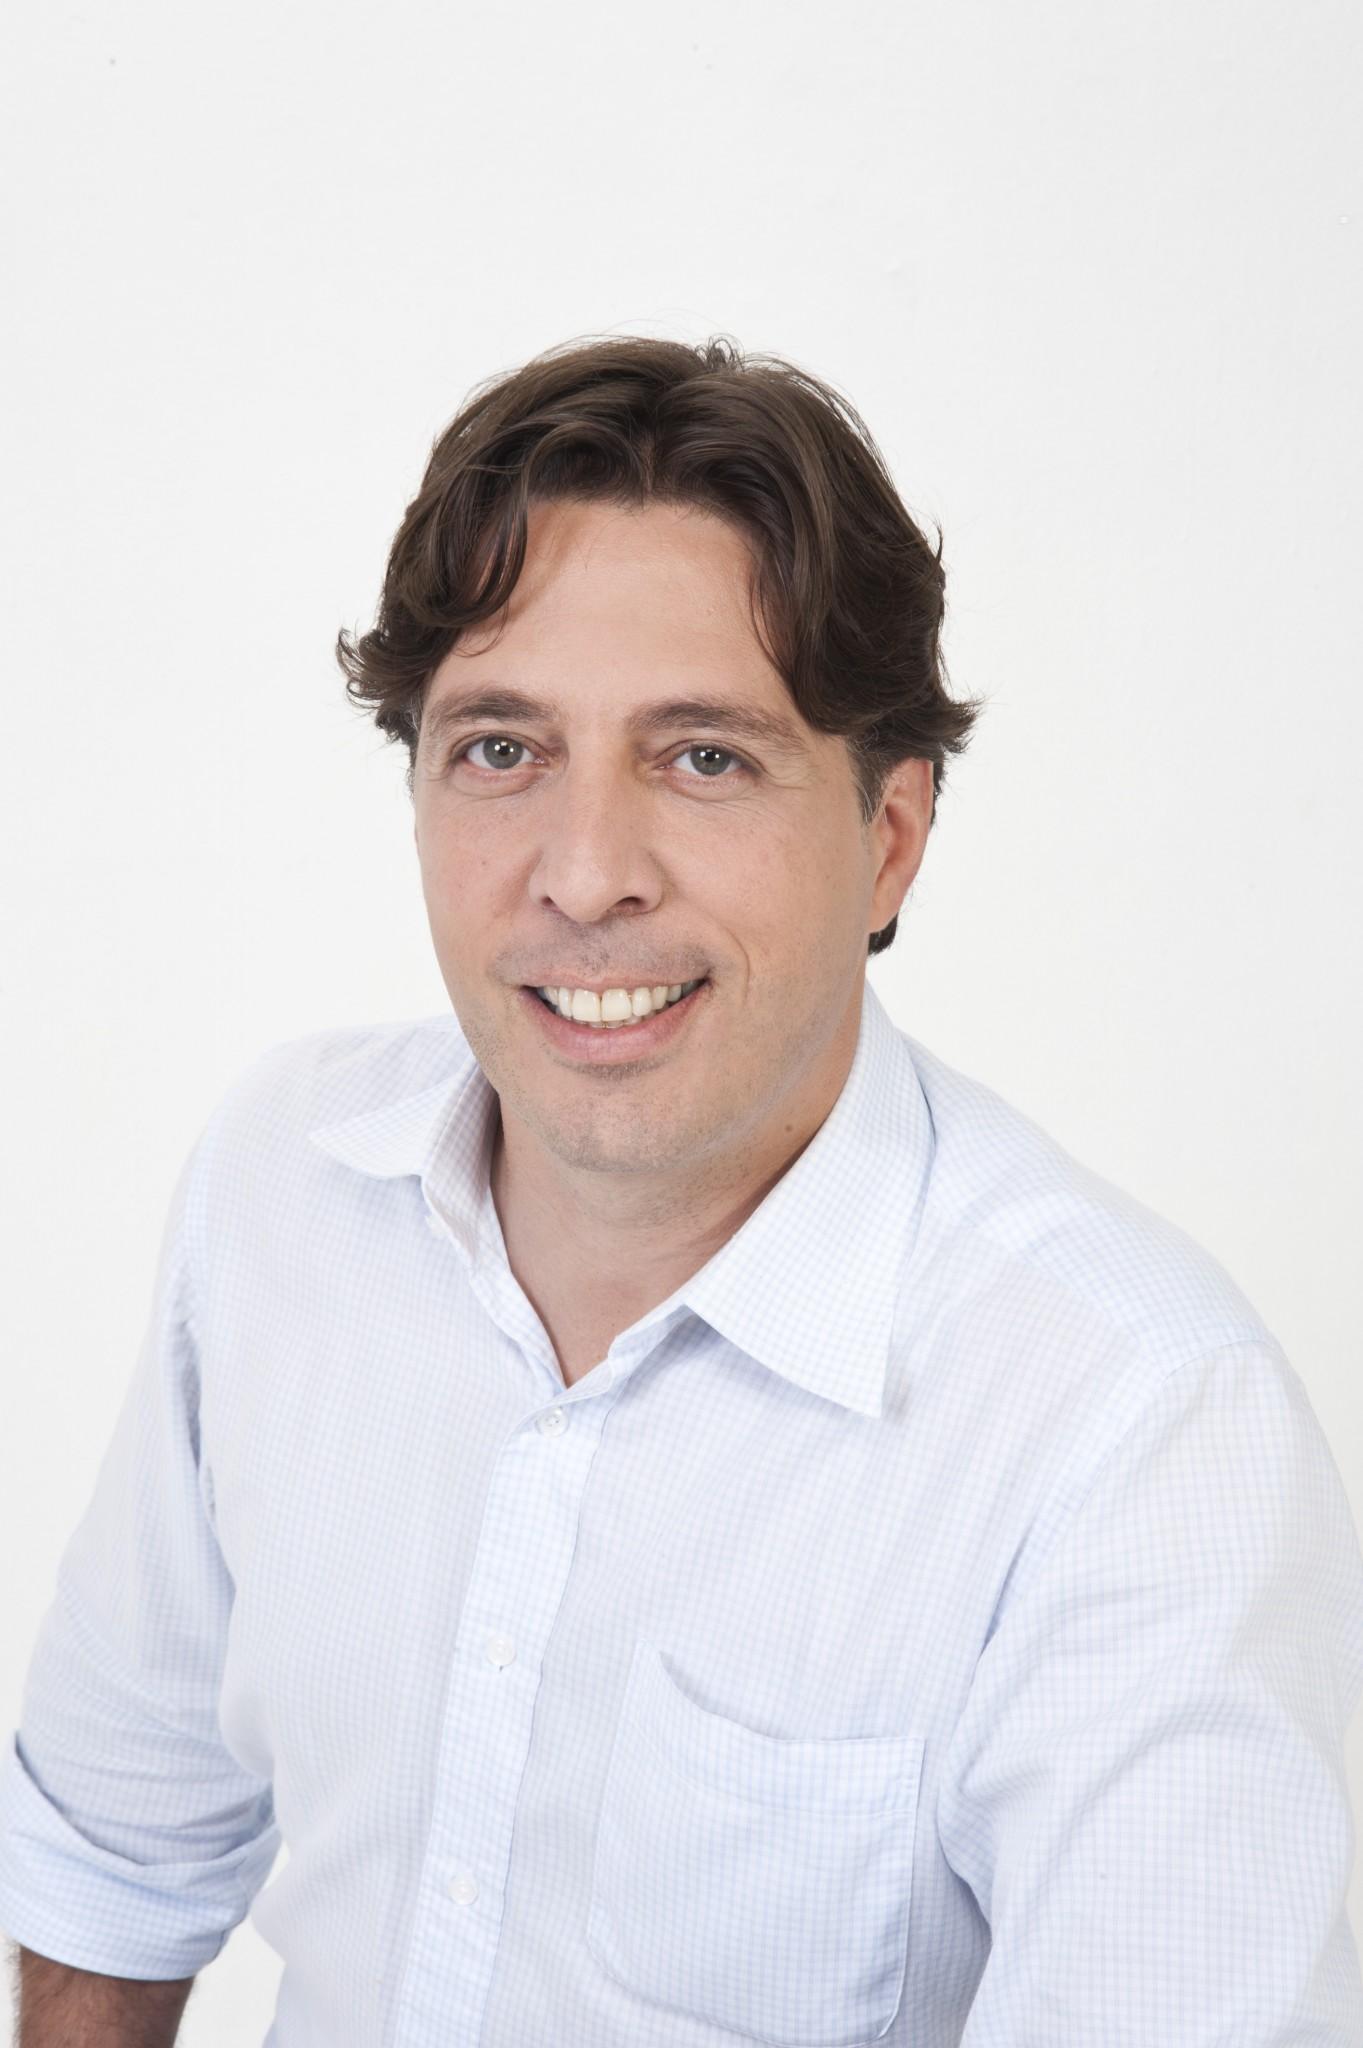 Marcos Palhares é diretor da revista EmbalagemMarca. Formado em Administração pela FGV e pós-graduado em Gestão Estratégica de Embalagem pela ESPM, é mestre em Administração pela FEA/USP e MSc em Pesquisa de Administração pela Universidade de Oxford (Inglaterra). É professor do Istituto Europeo di Design.